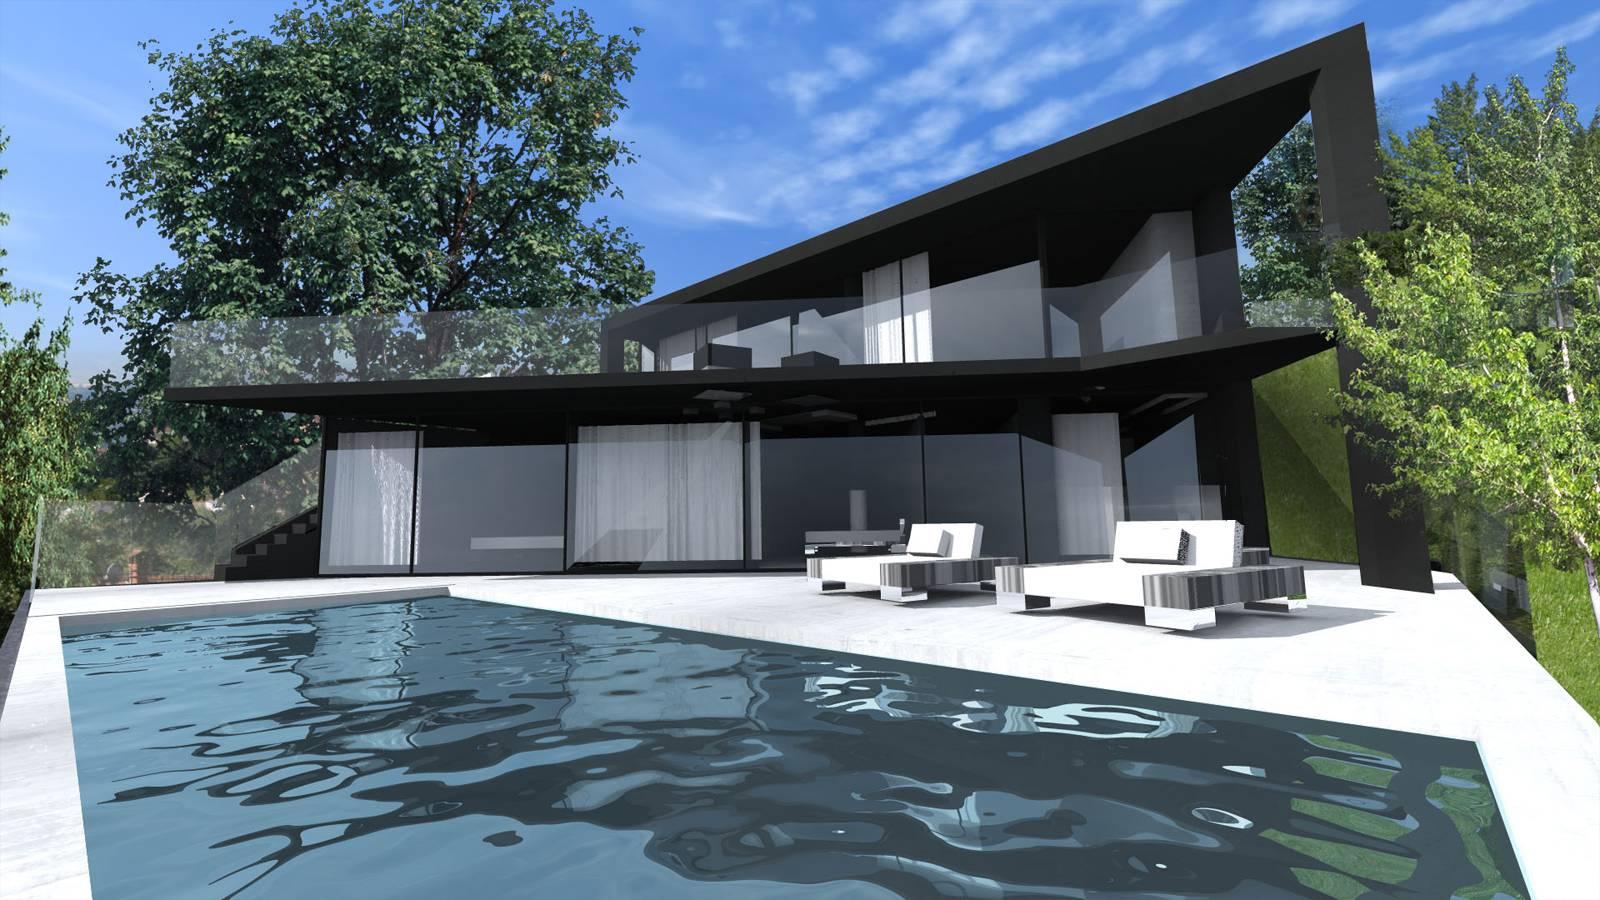 Maison Contemporaine Avec Vue Sur Le Lac D Annecy Cabinet D Architecture D Interieur En Auvergne Rhone Alpes Cabinet Vielliard Francheteau Architectures